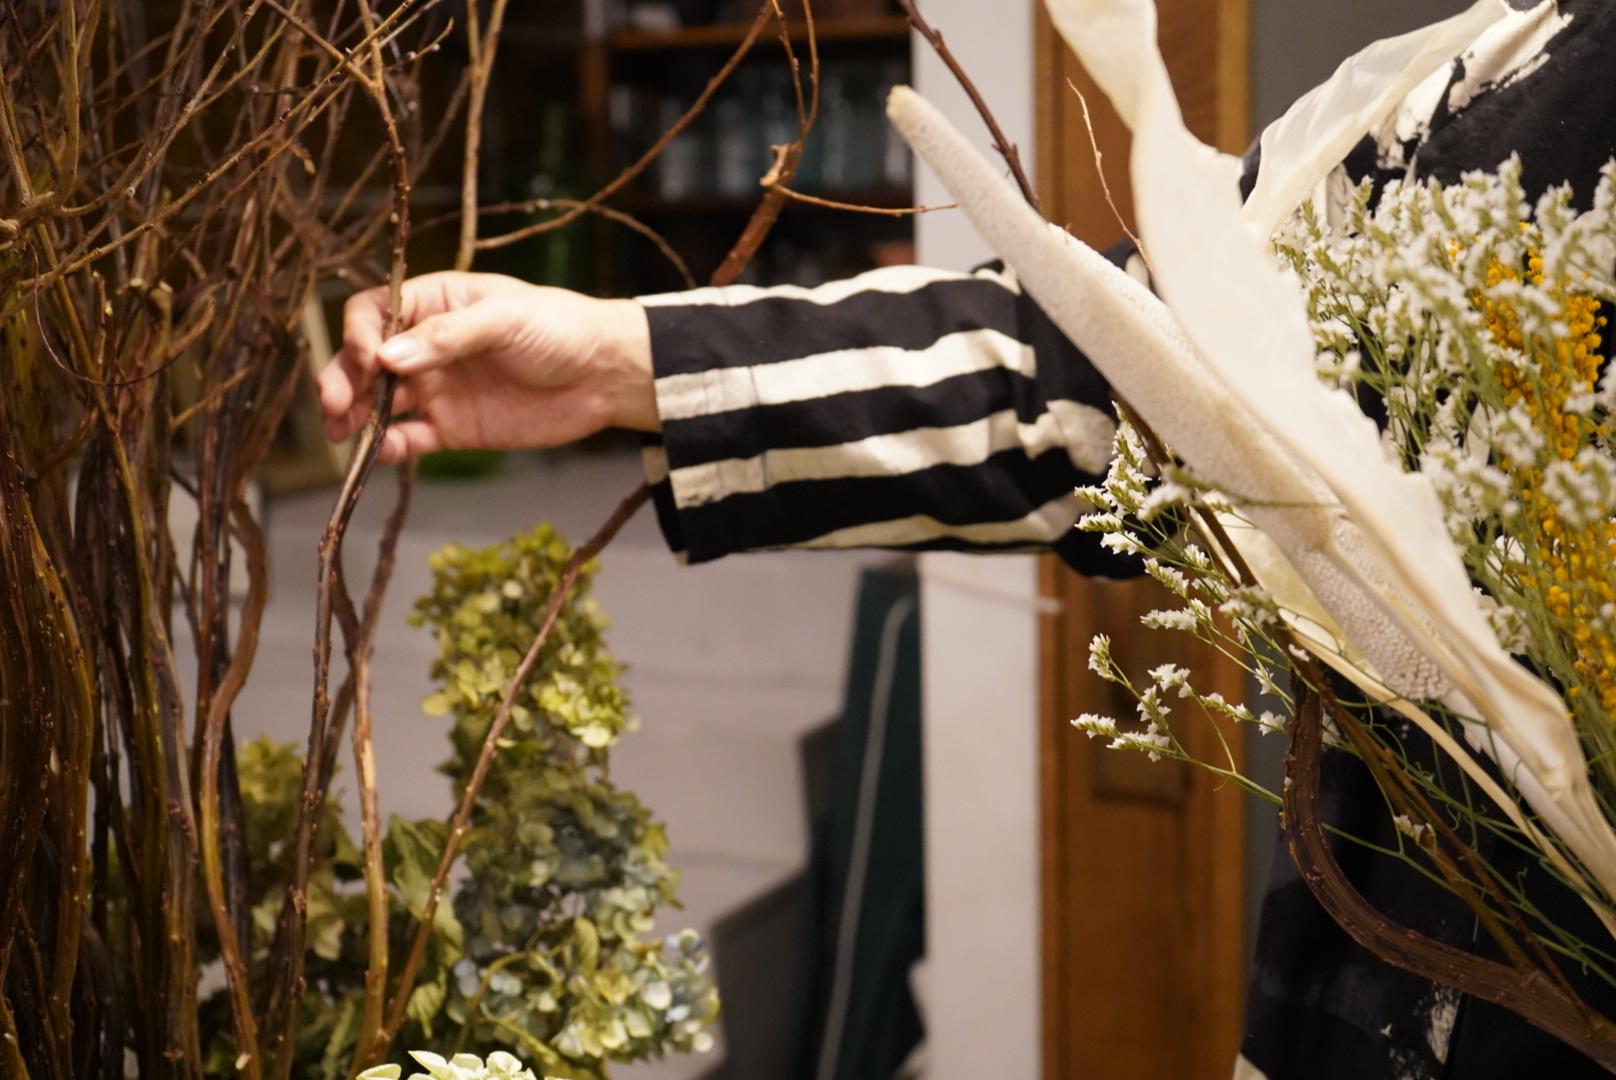 鶴舞のドライフラワーショップ「ある日」で、枯れることない自分らしさを見つけに行こう。 - DSC06180